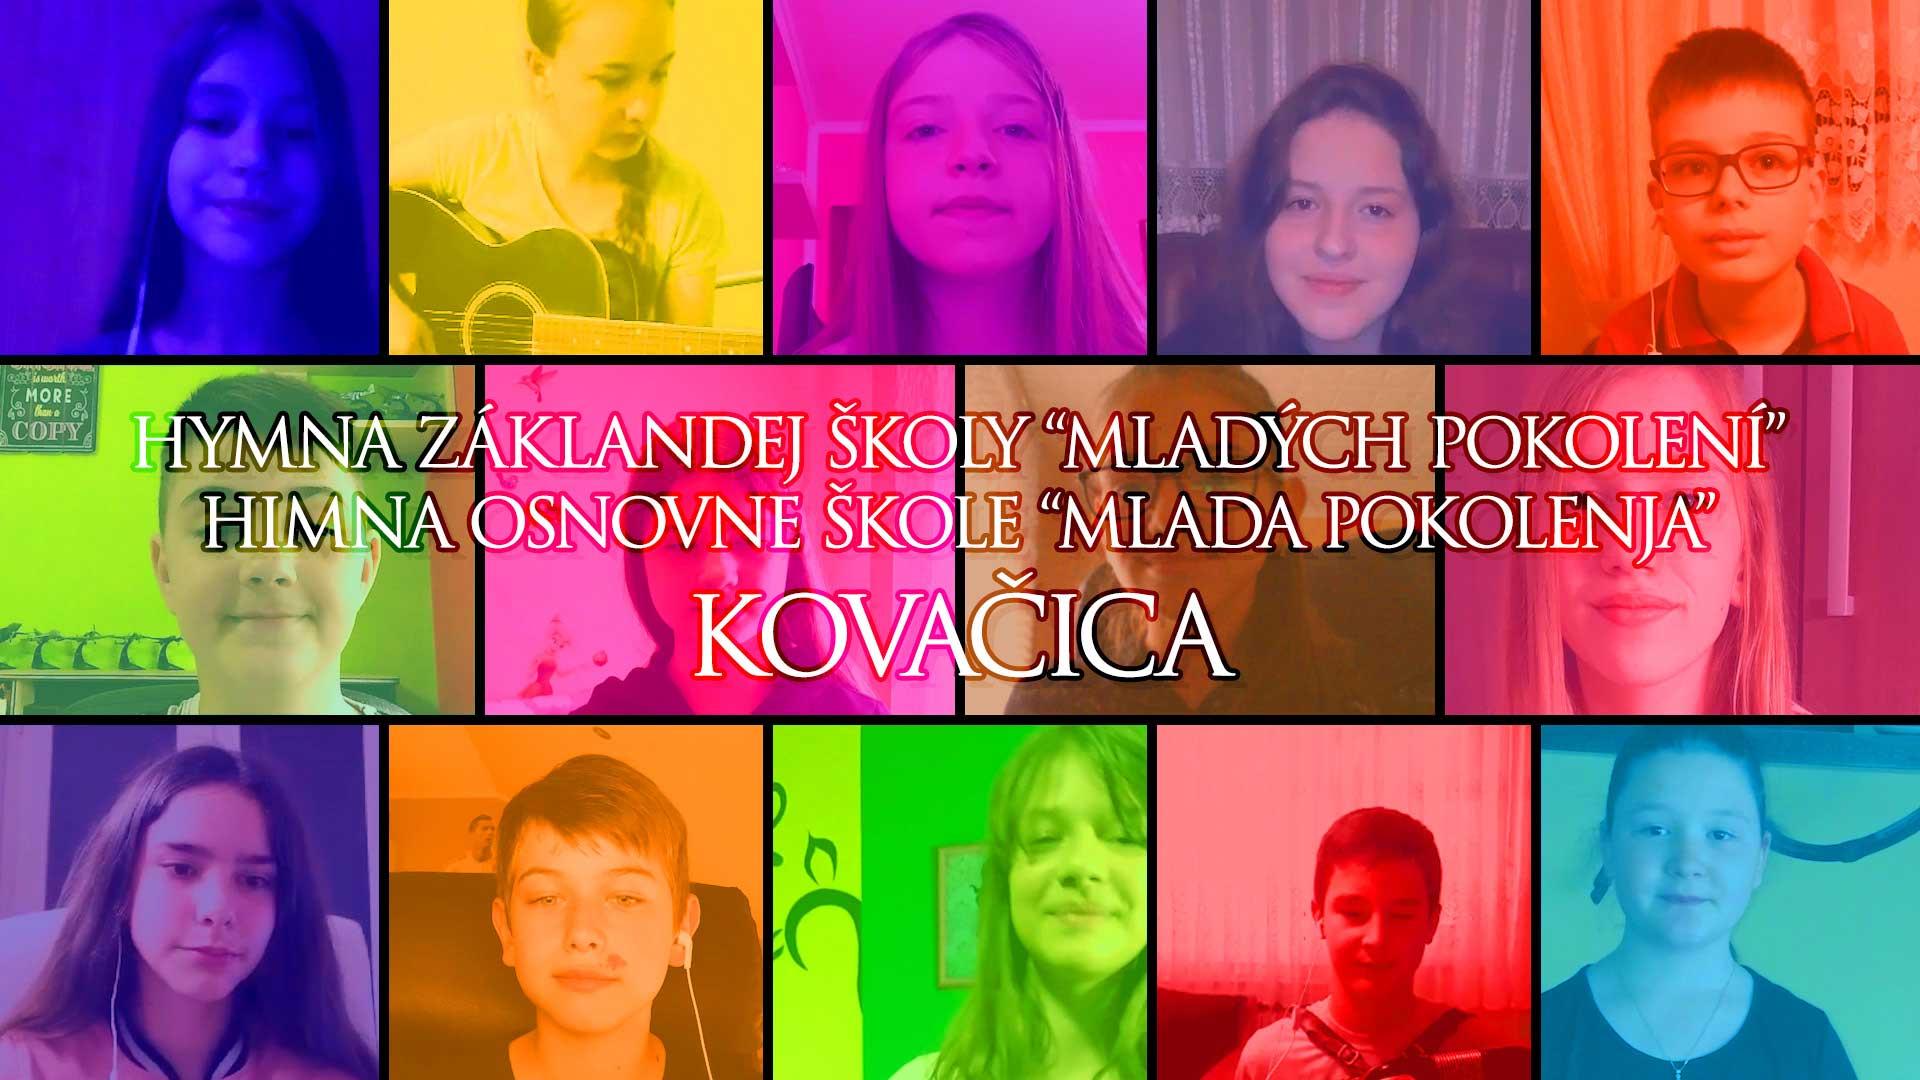 Hymna základnej školy Mladých pokolení Kovačica